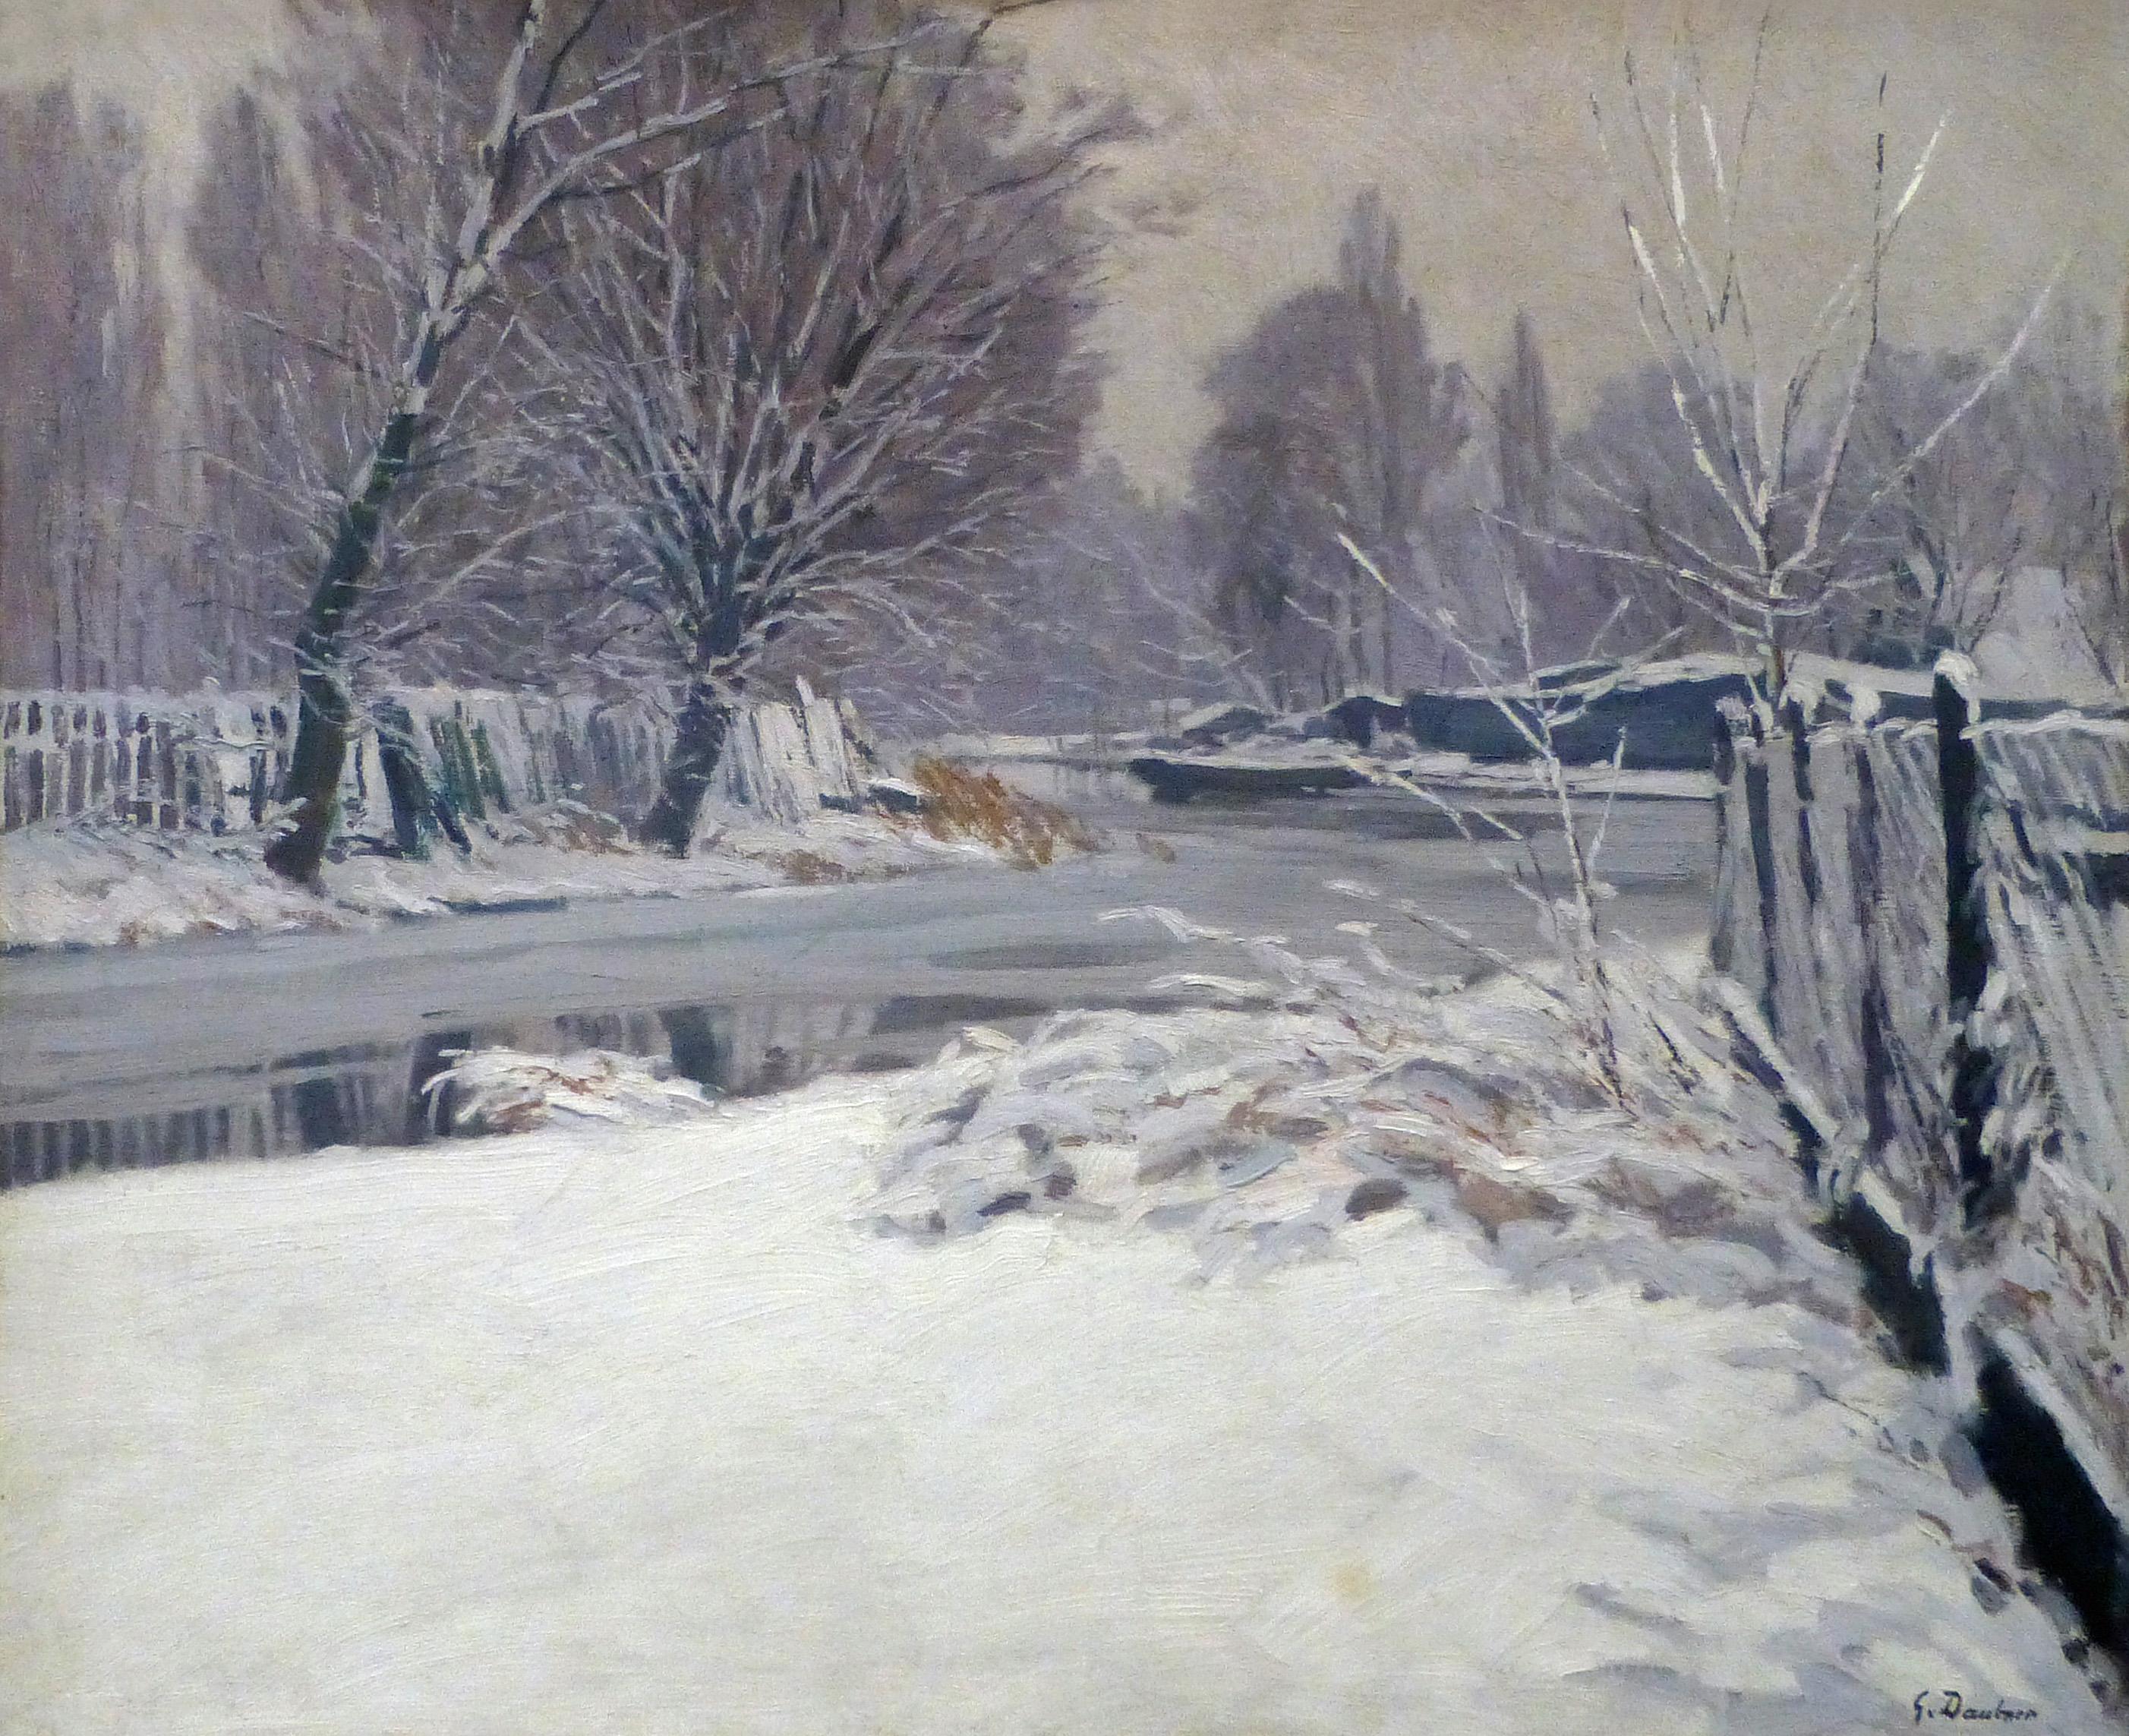 fichier georges daubner paysage d 39 hiver 1921 jpg wikip dia. Black Bedroom Furniture Sets. Home Design Ideas